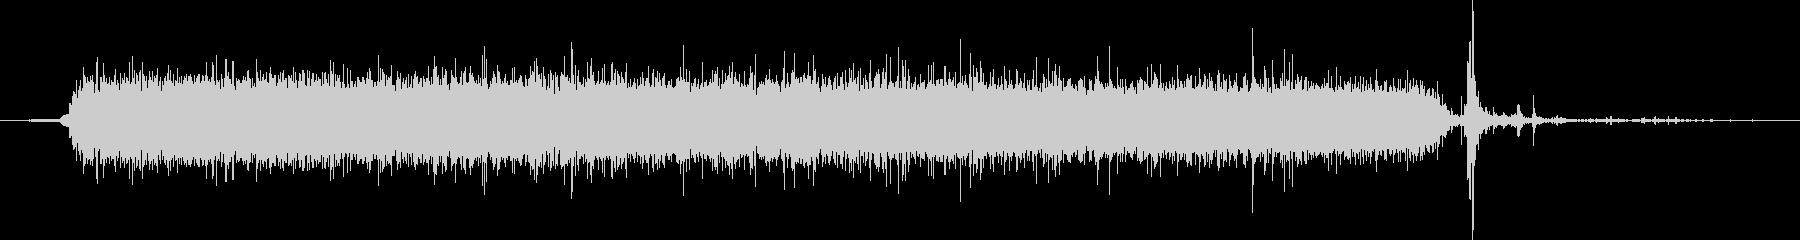 水 タップフローウルトラハードロング04の未再生の波形